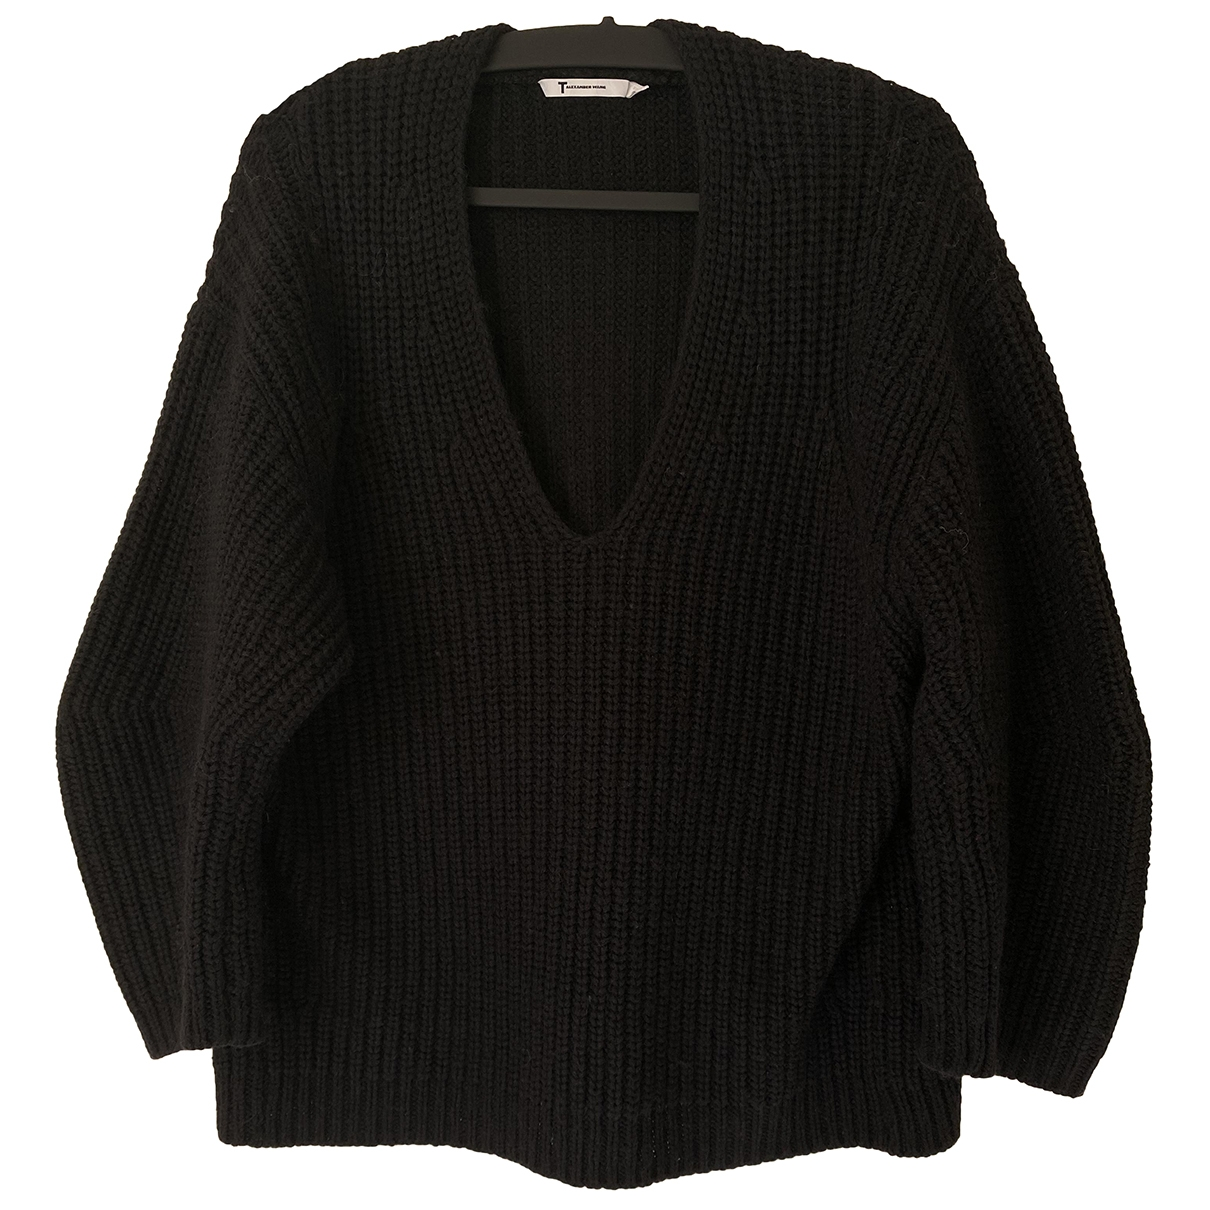 T By Alexander Wang \N Black Cotton Knitwear for Women S International